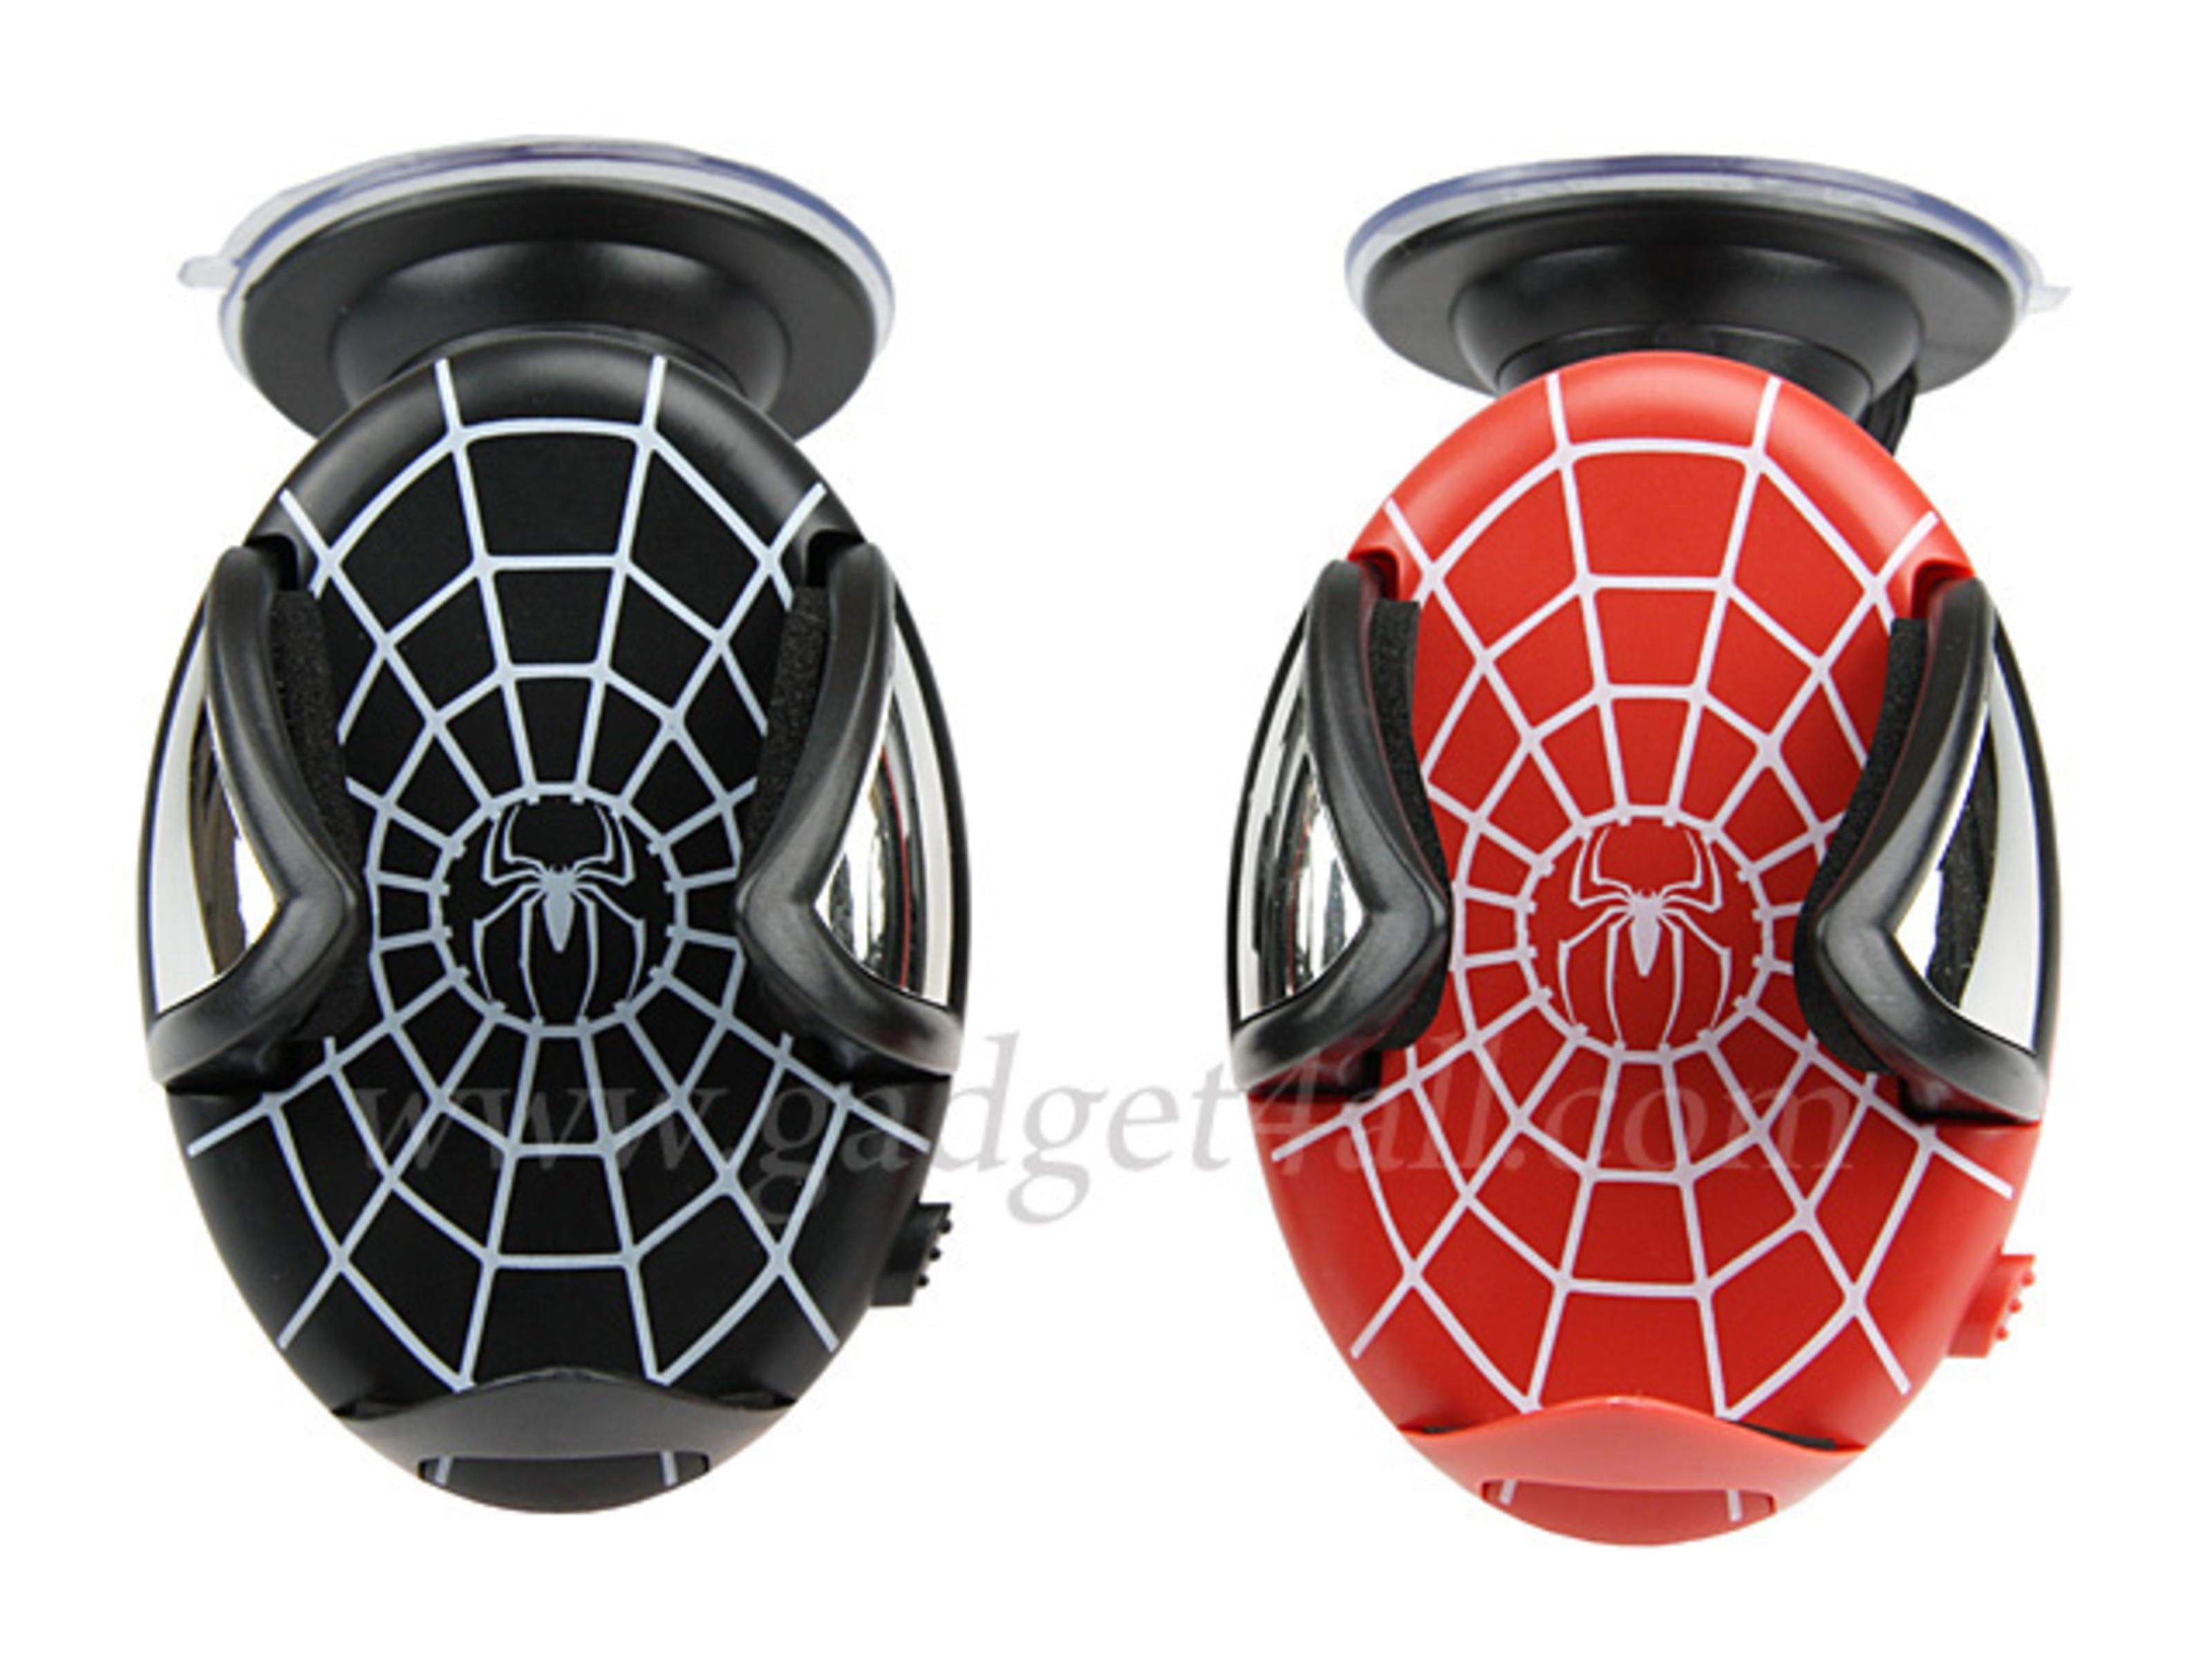 gadget-portacellulari-da-auto-spiderman